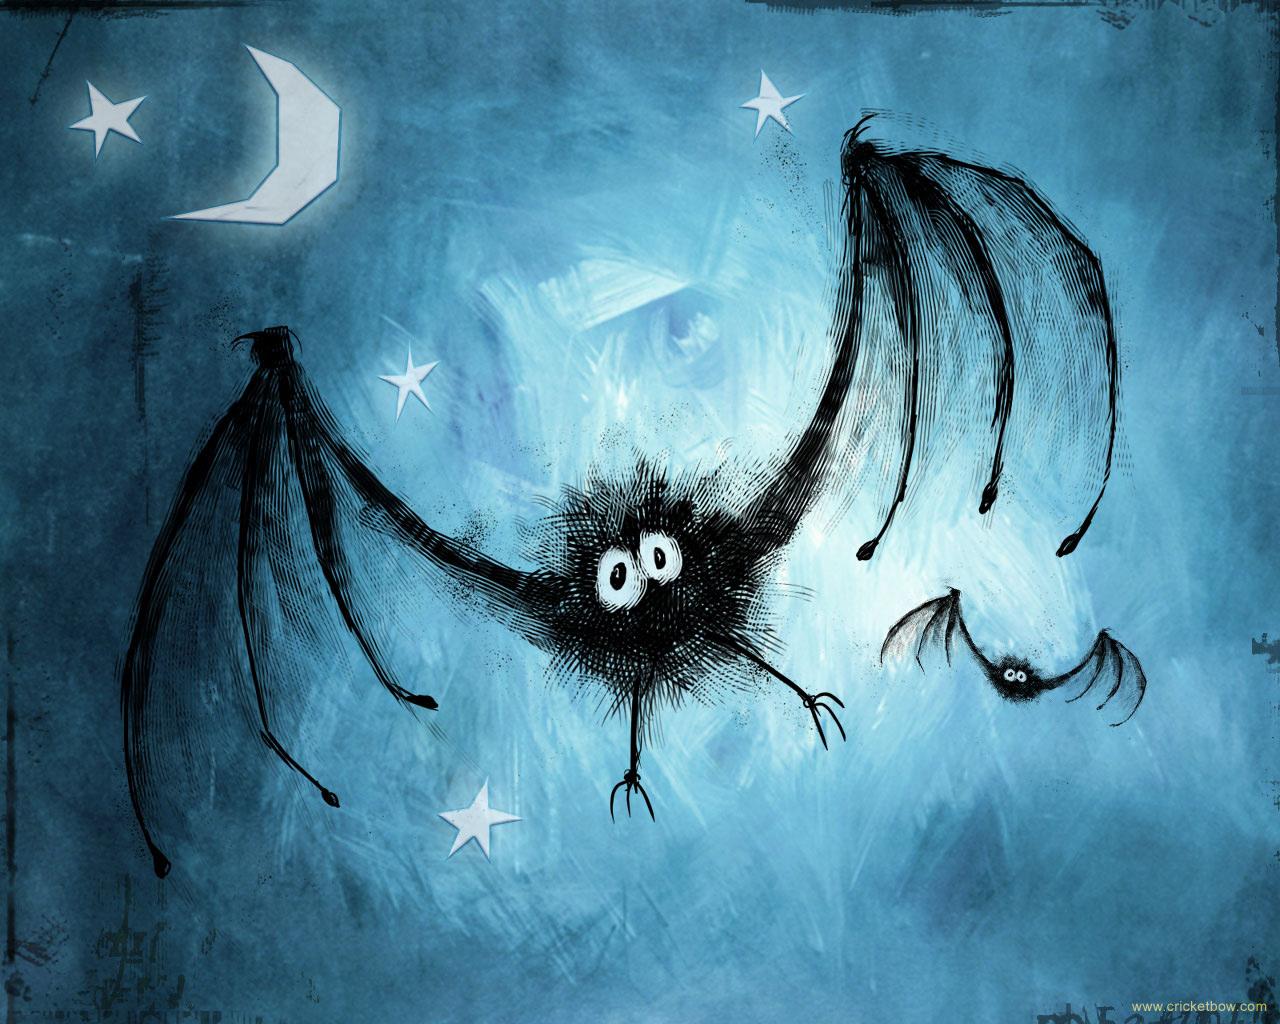 http://4.bp.blogspot.com/_5EAgKnn9vyw/TM3DPxtw0lI/AAAAAAAAC44/b_smNQDDsP0/s1600/halloween-wallpaper-large005.jpg